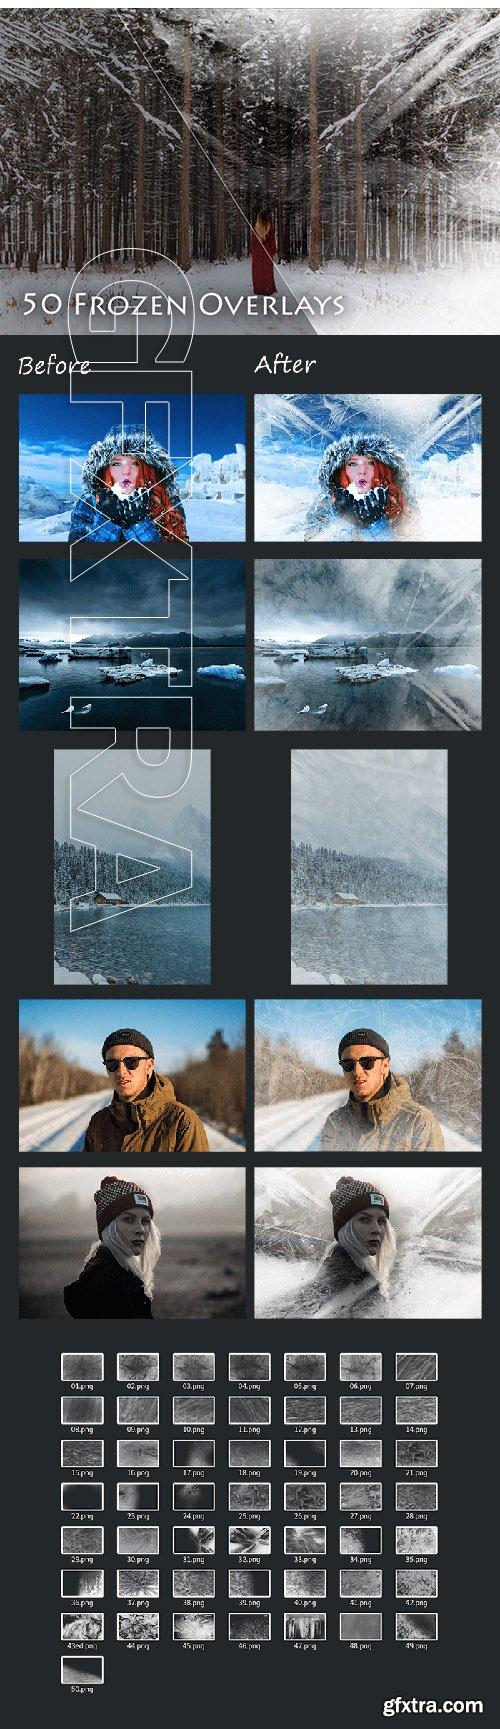 50 Frozen Photo Overlays